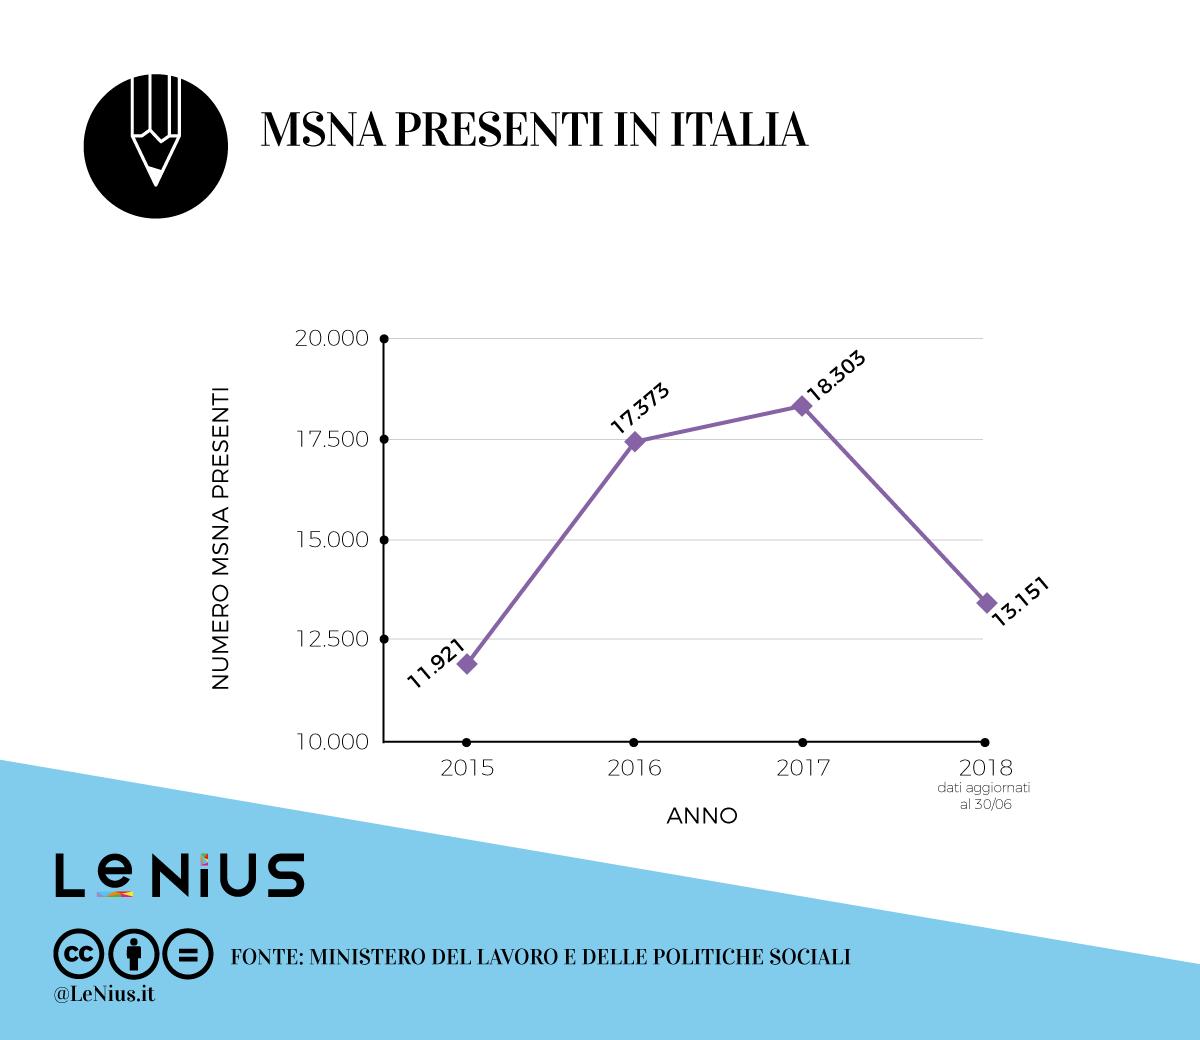 msna in italia